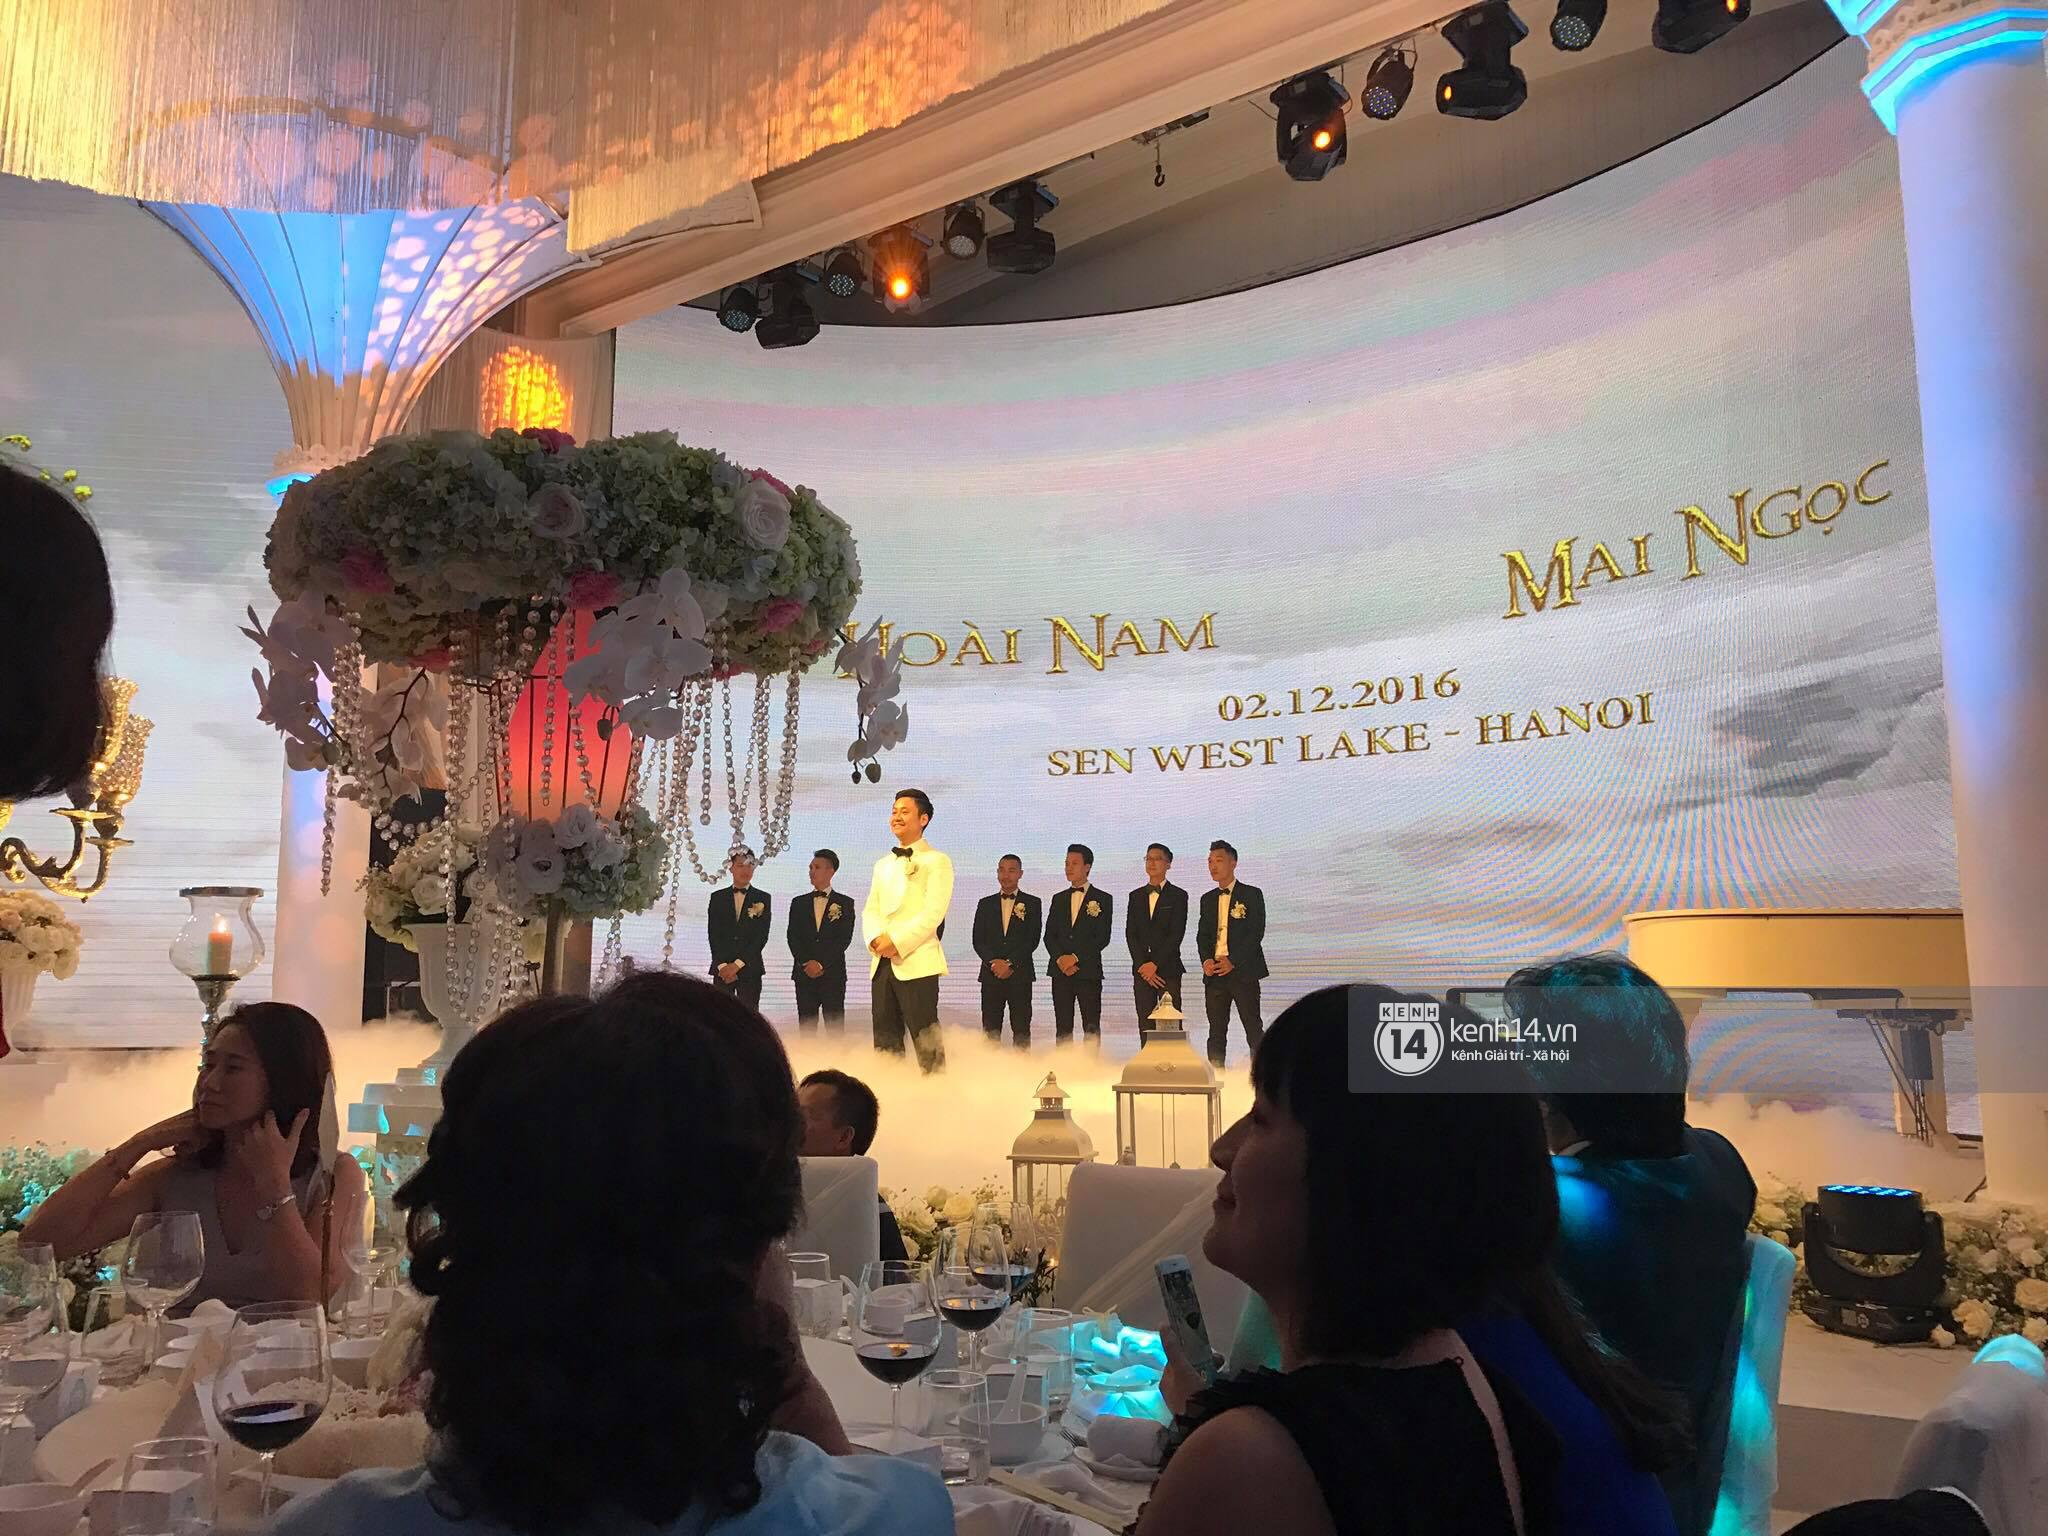 Đám cưới MC Mai Ngọc: Không gian lộng lẫy, cầu kỳ, xứng đáng là đám cưới sang chảnh nhất Hà Nội hôm nay - Ảnh 15.